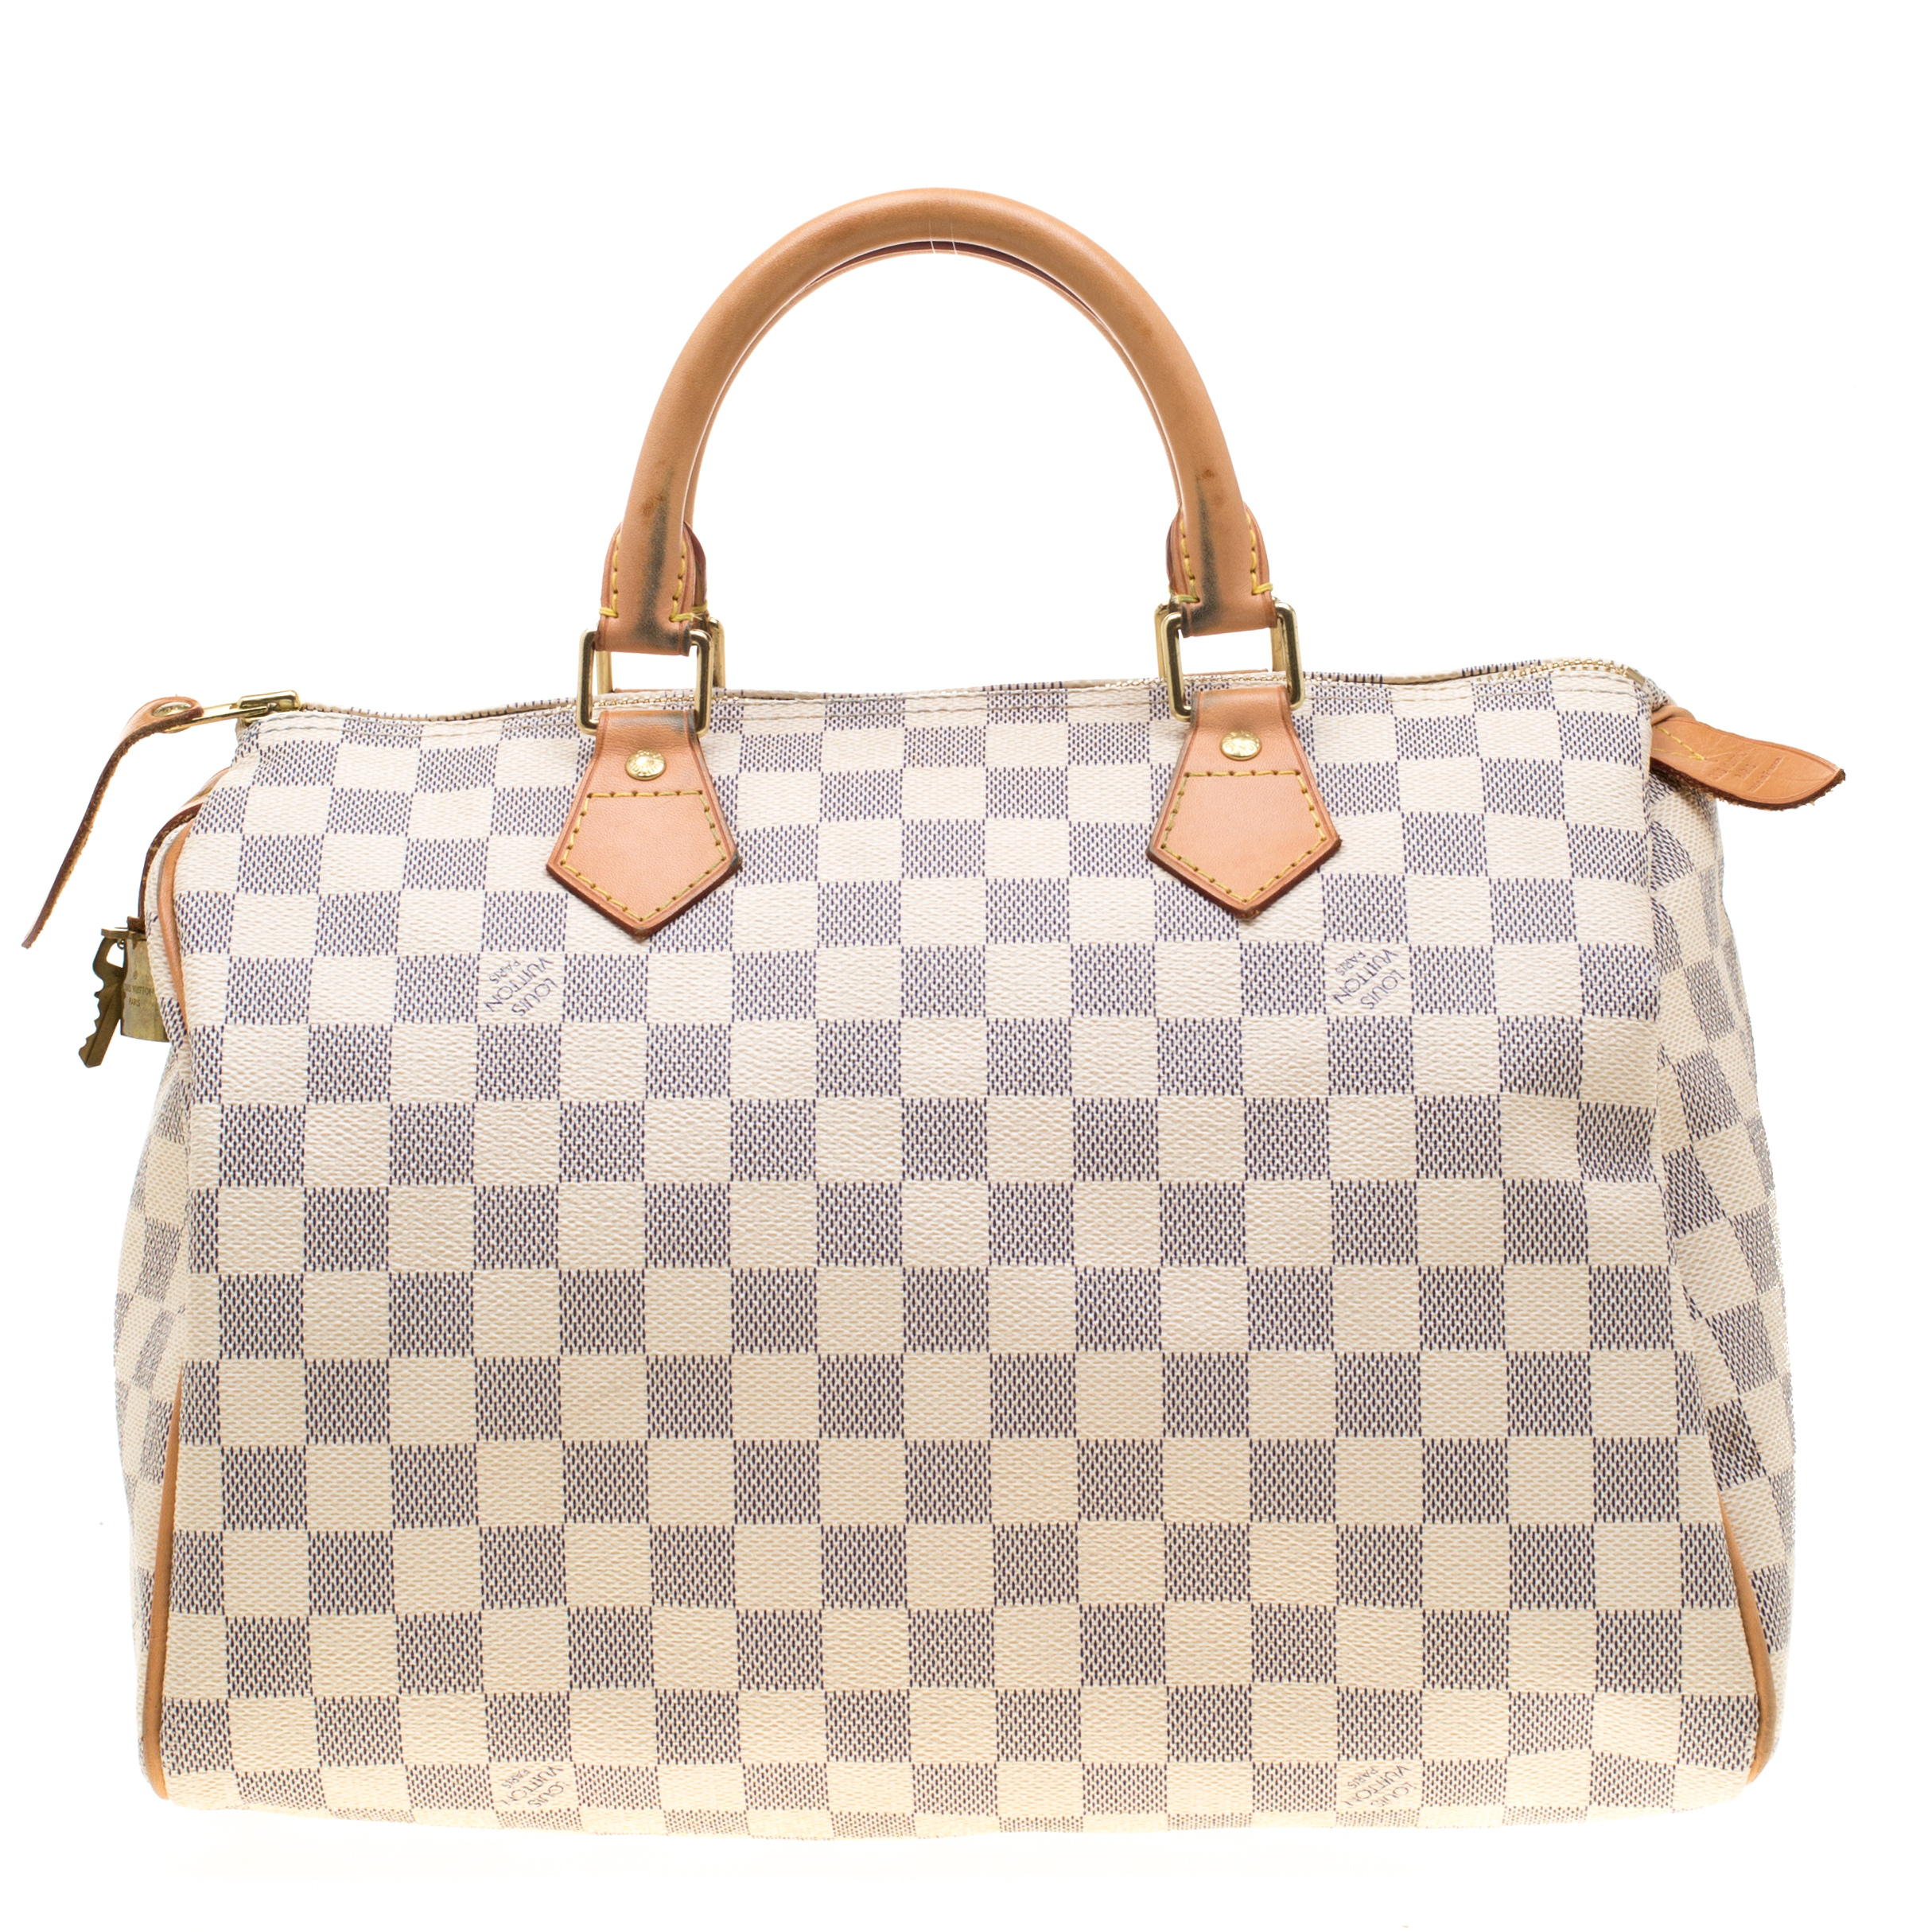 8a9e3227232f ... Louis Vuitton Damier Azur Canvas Speedy 30 Bag. nextprev. prevnext